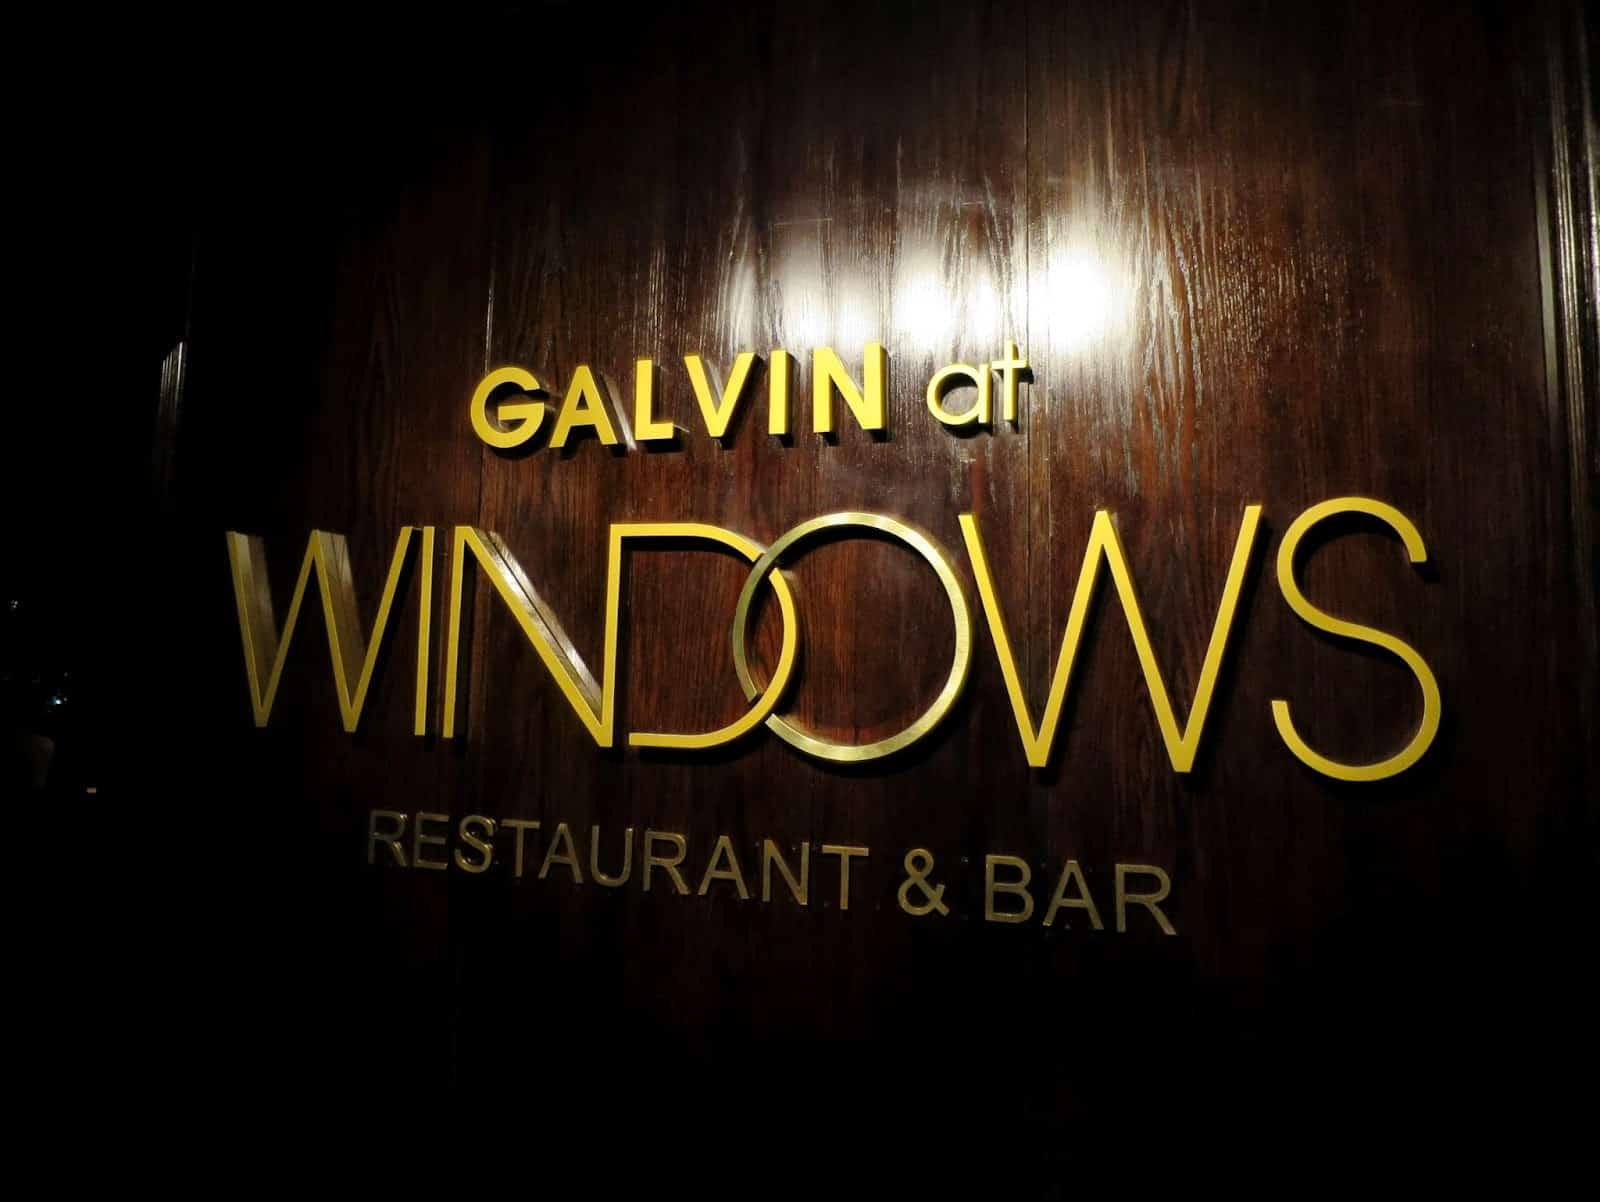 Galvin at windows juanito